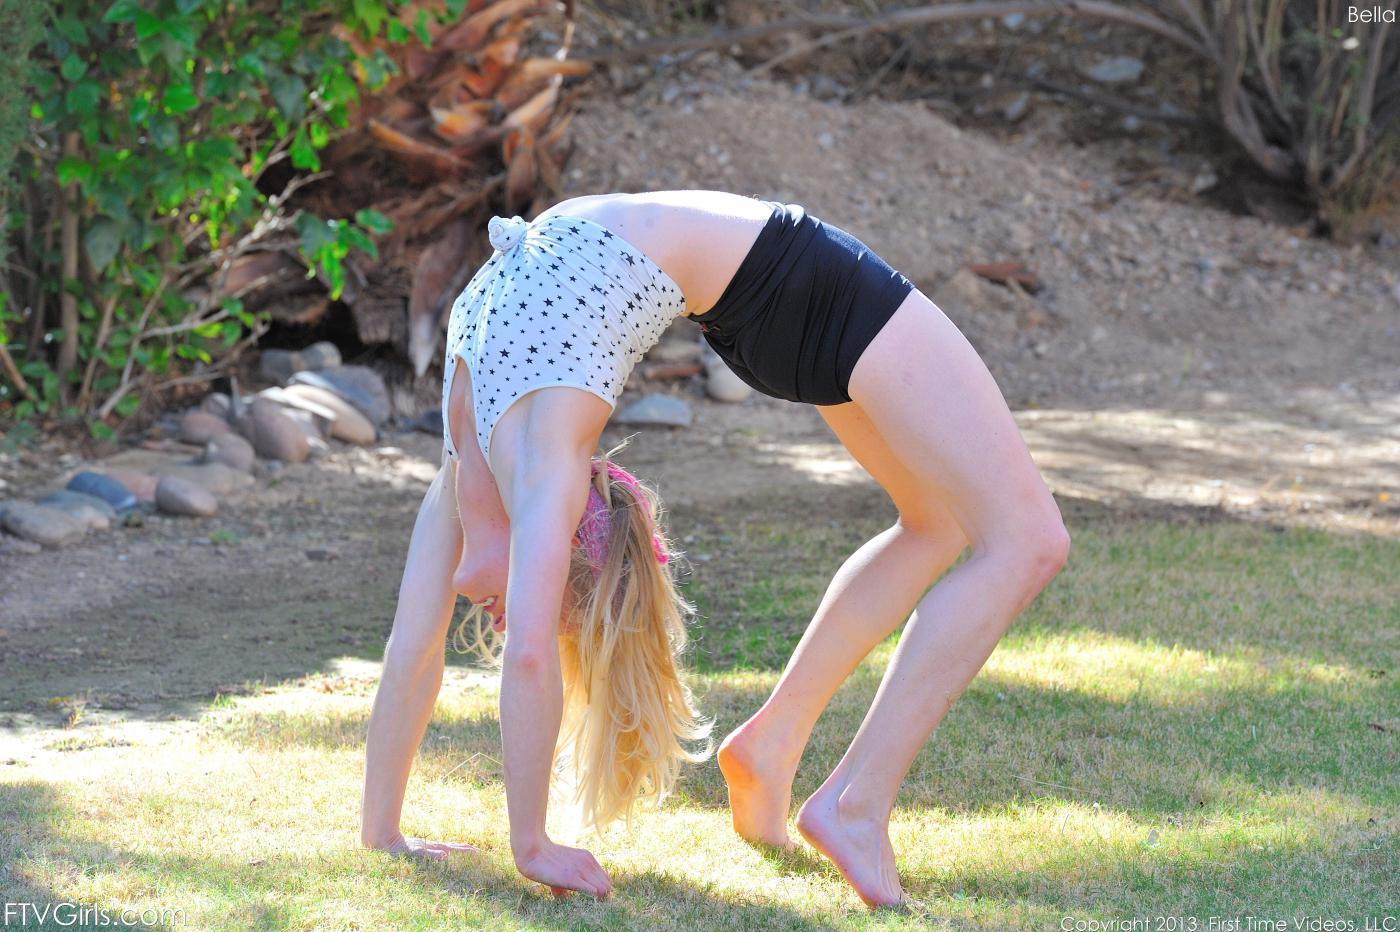 Гибкая куколка Bella Bends снимает одежду и делает упражнения у дороги